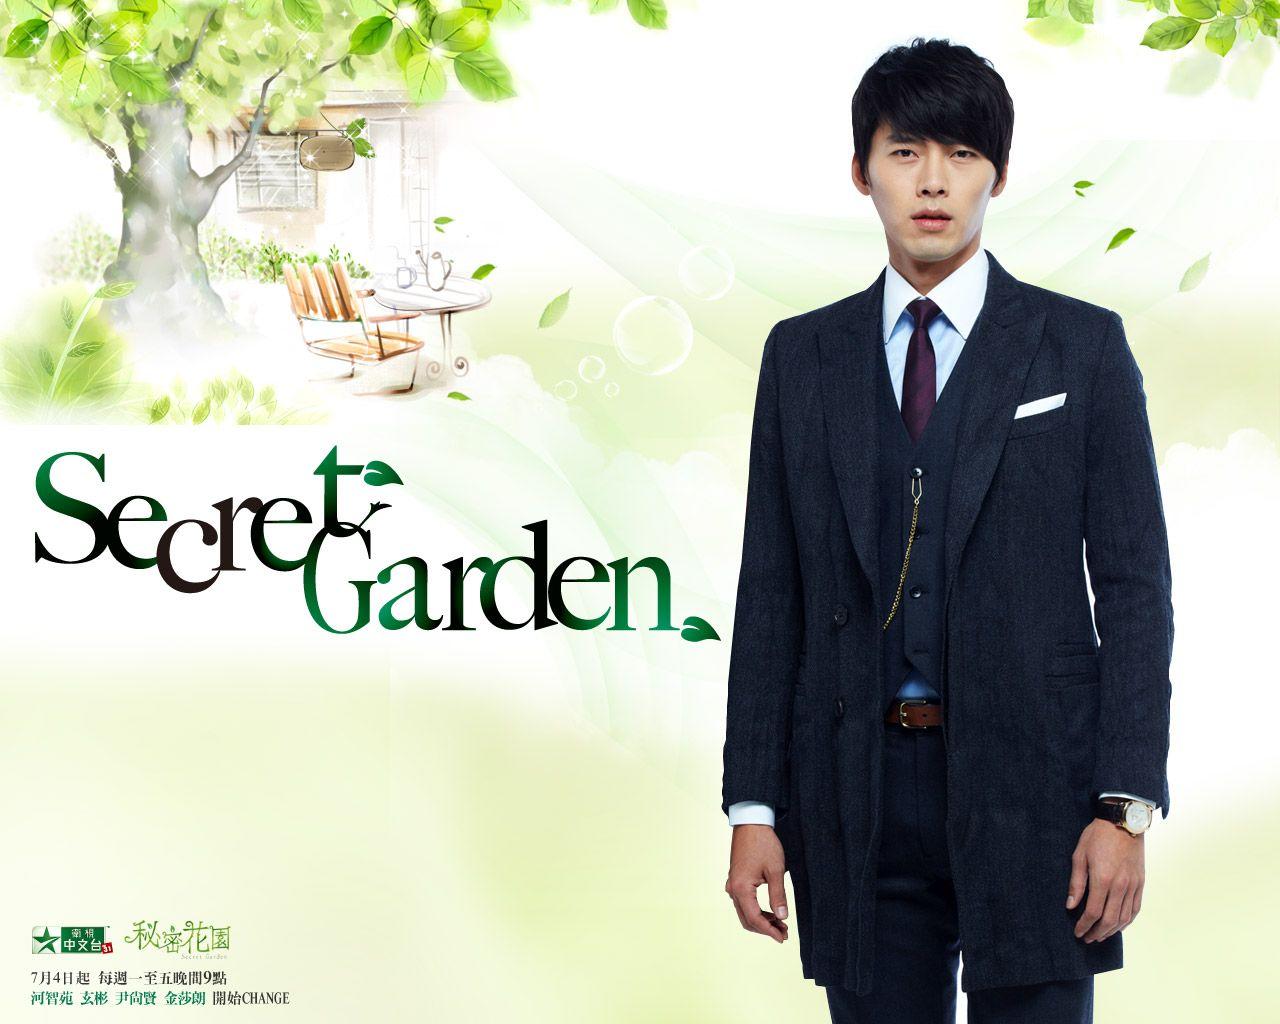 secret garden | ❤ HYUN BIN in 2019 | Secret garden korean